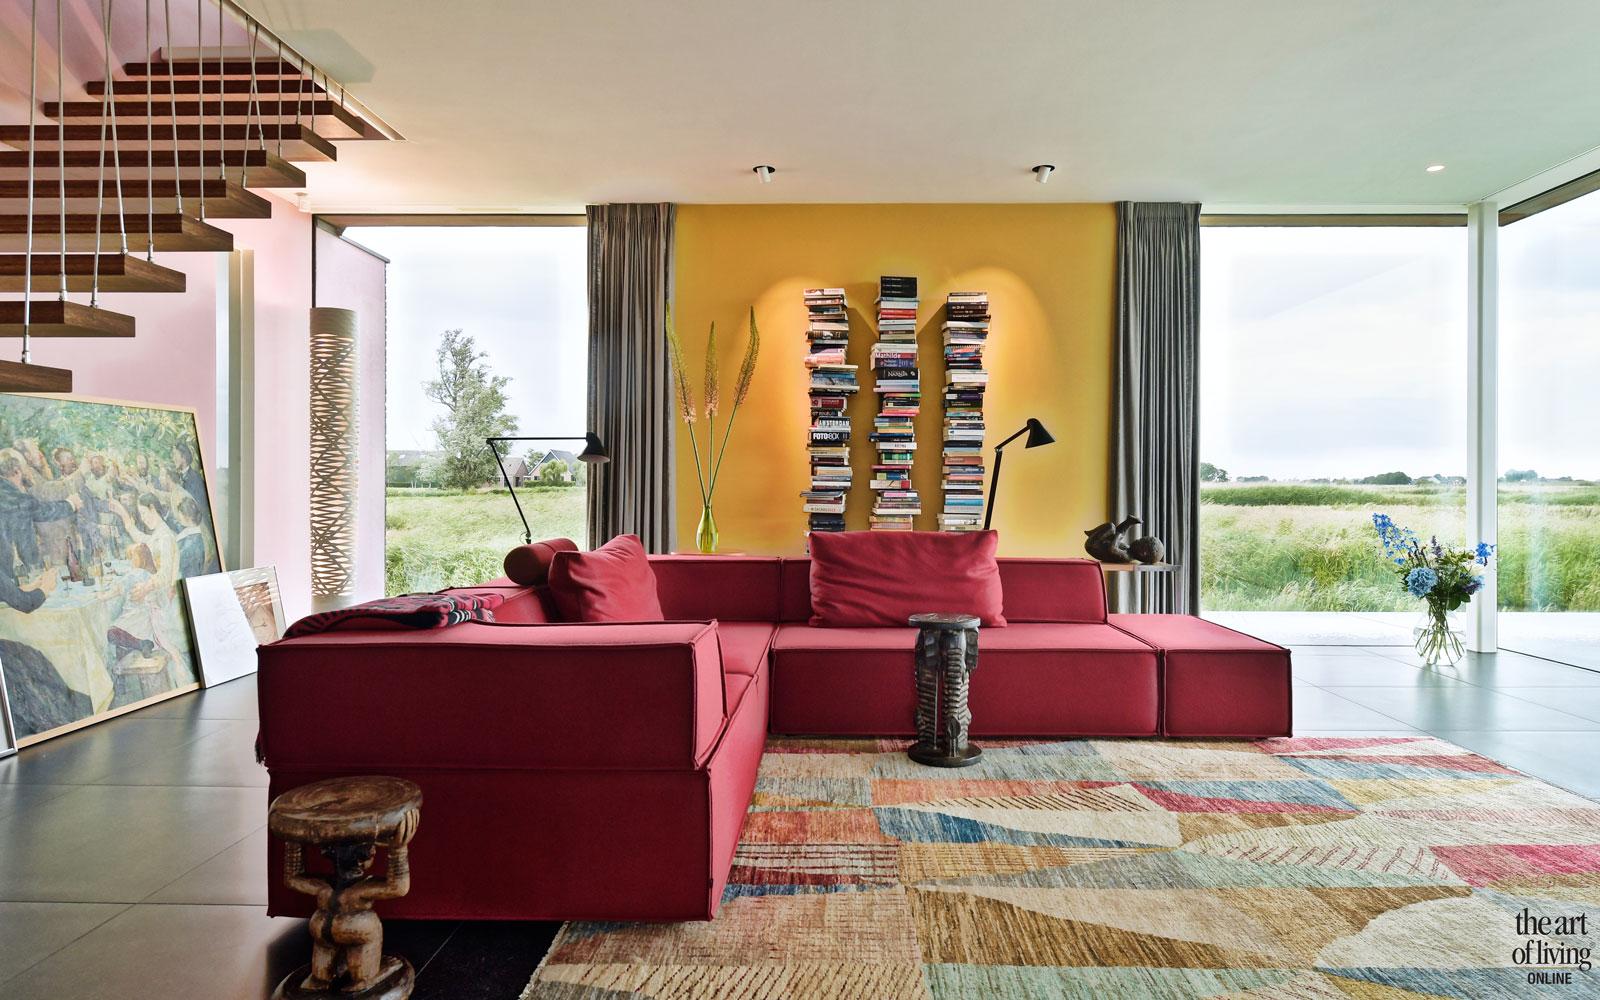 Natuurlijke omgeving, 123DV Architecten, Interieur, Woonkamer, Kleurrijk interieur, Design meubels